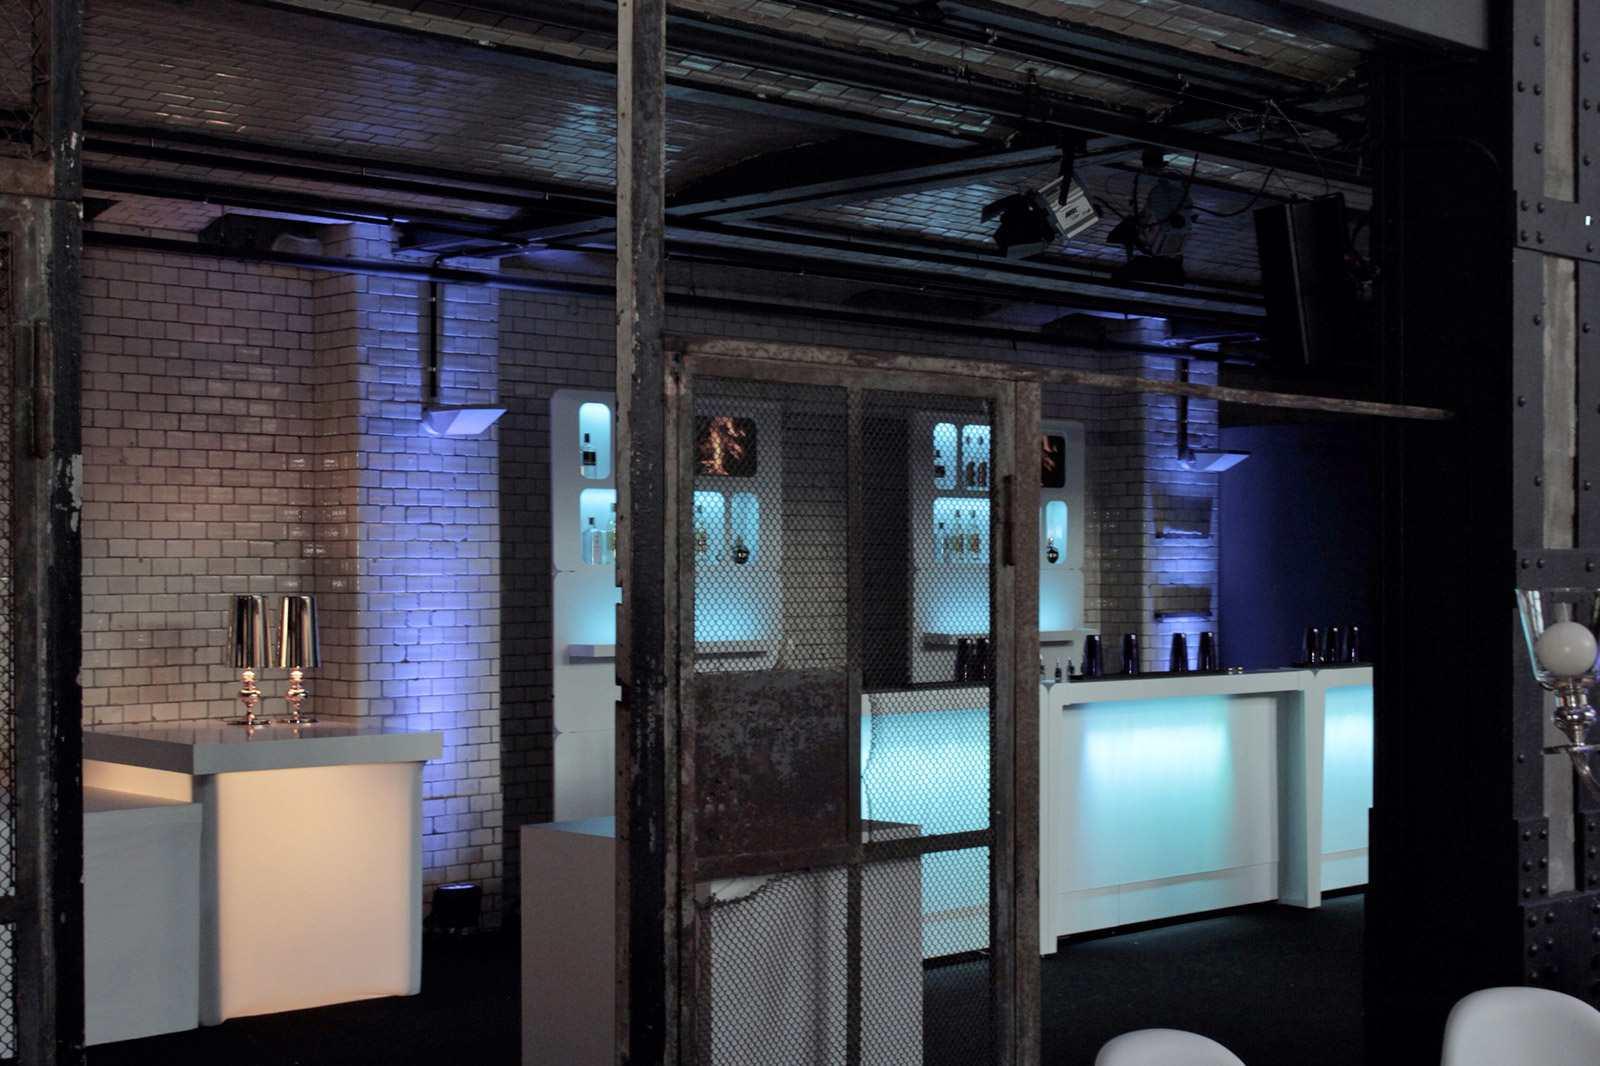 Bar-Promotion - Wir machen Ihr Event zu einem Erlebnis.